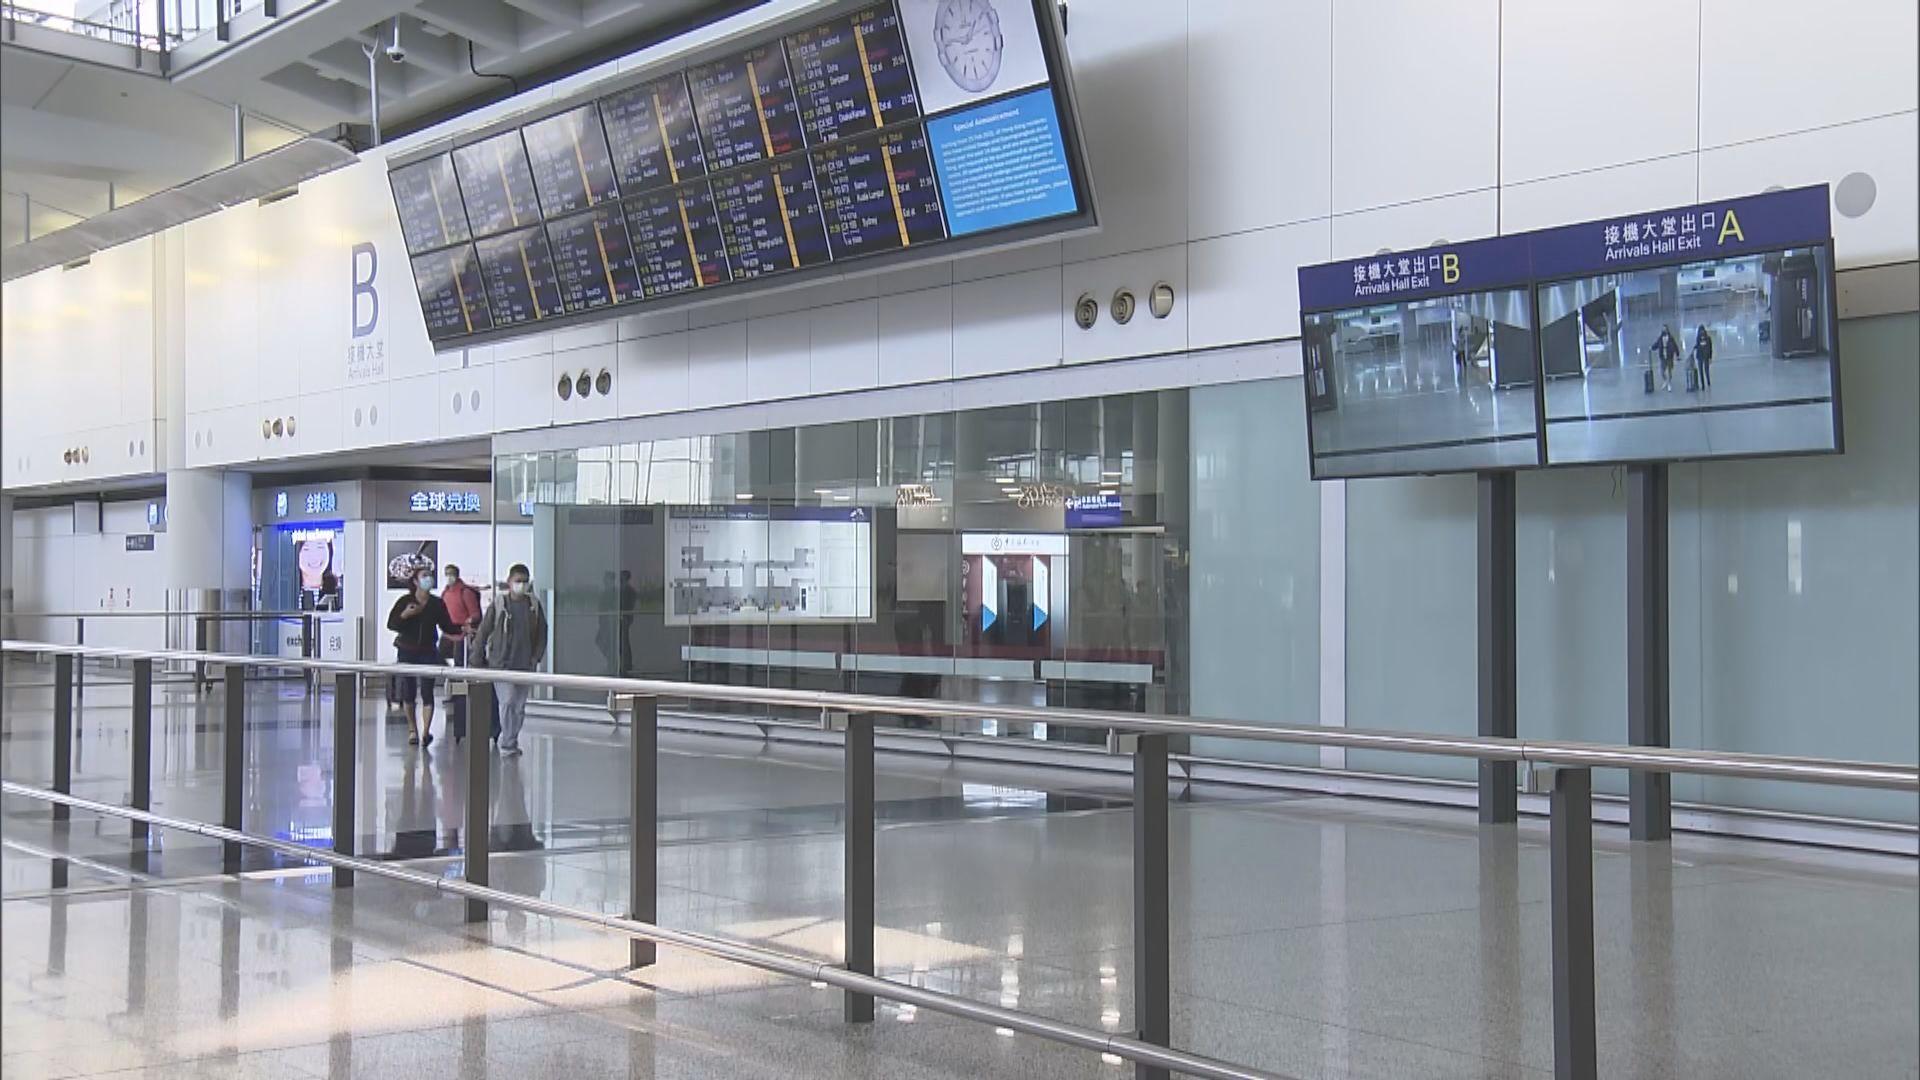 香港機場周三起禁止所有非香港居民入境